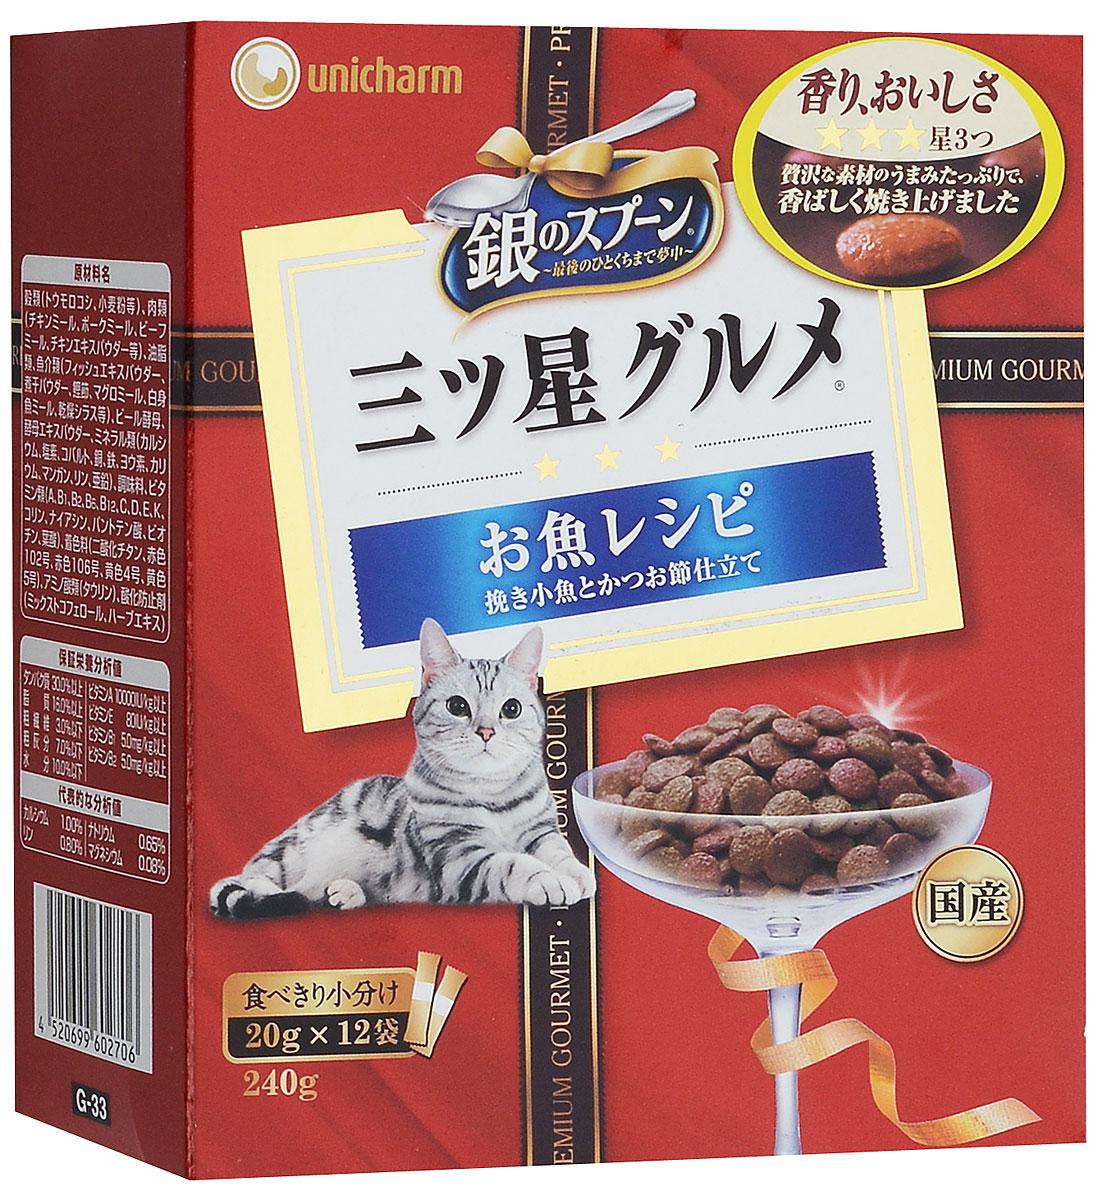 Корм сухой Unicharm Three-Star Silver Spoon для взрослых кошек, со скумбрией, 240 г602706Сухой корм для взрослых кошек Unicharm Three-Star Silver Spoon - это сбалансированное питание, которое содержит все питательные вещества, витамины и минералы, необходимые для здоровой и полноценной жизни кошки. Хрустящие маленькие крокеты из тунца, скумбрии и анчоусов имеют высокую вкусовую привлекательность и непременно понравятся вашему вашему питомцу. Корм содержит важную для здоровья кошек аминокислоту - таурин, который является профилактикой проблем зрения и поддерживает здоровое состояние сердца и репродуктивной деятельности животного. Ваша кошка высоко оценит такую новинку в своем рационе и будет искренне вам благодарна.Товар сертифицирован.